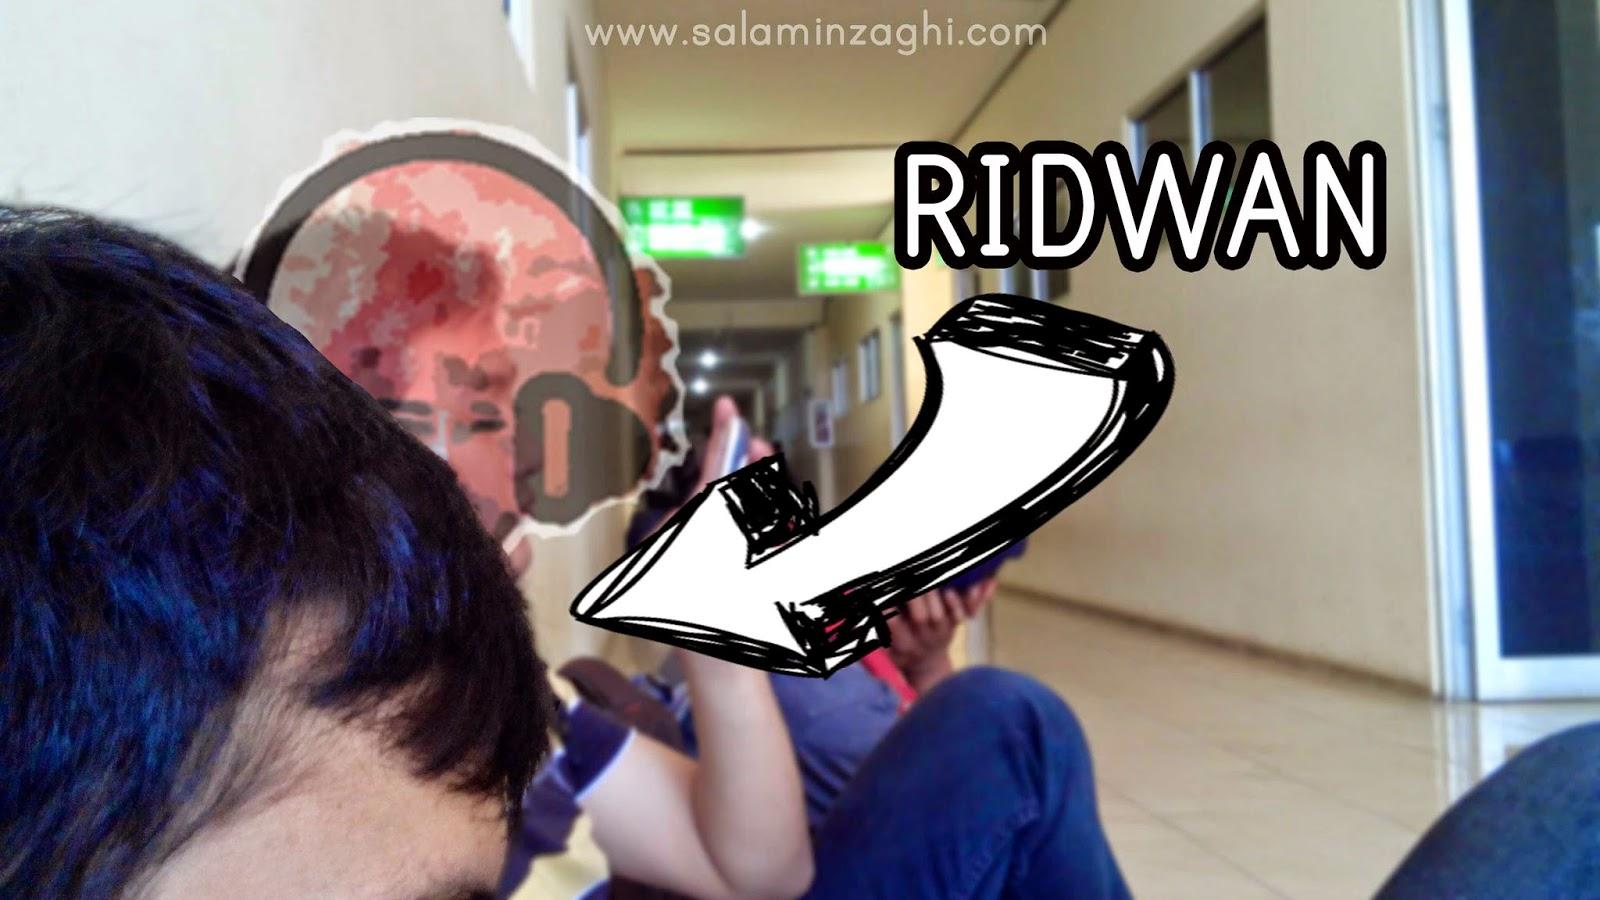 Ketemu + Foto Bareng Sama Haruka di Mall, anak kampus, Ketemu + Foto Bareng Sama Haruka di Mall, main di mall, foto haruka, haruka JKT48 di mall, jakarta, haruka jkt48 di jakarta, ridwan